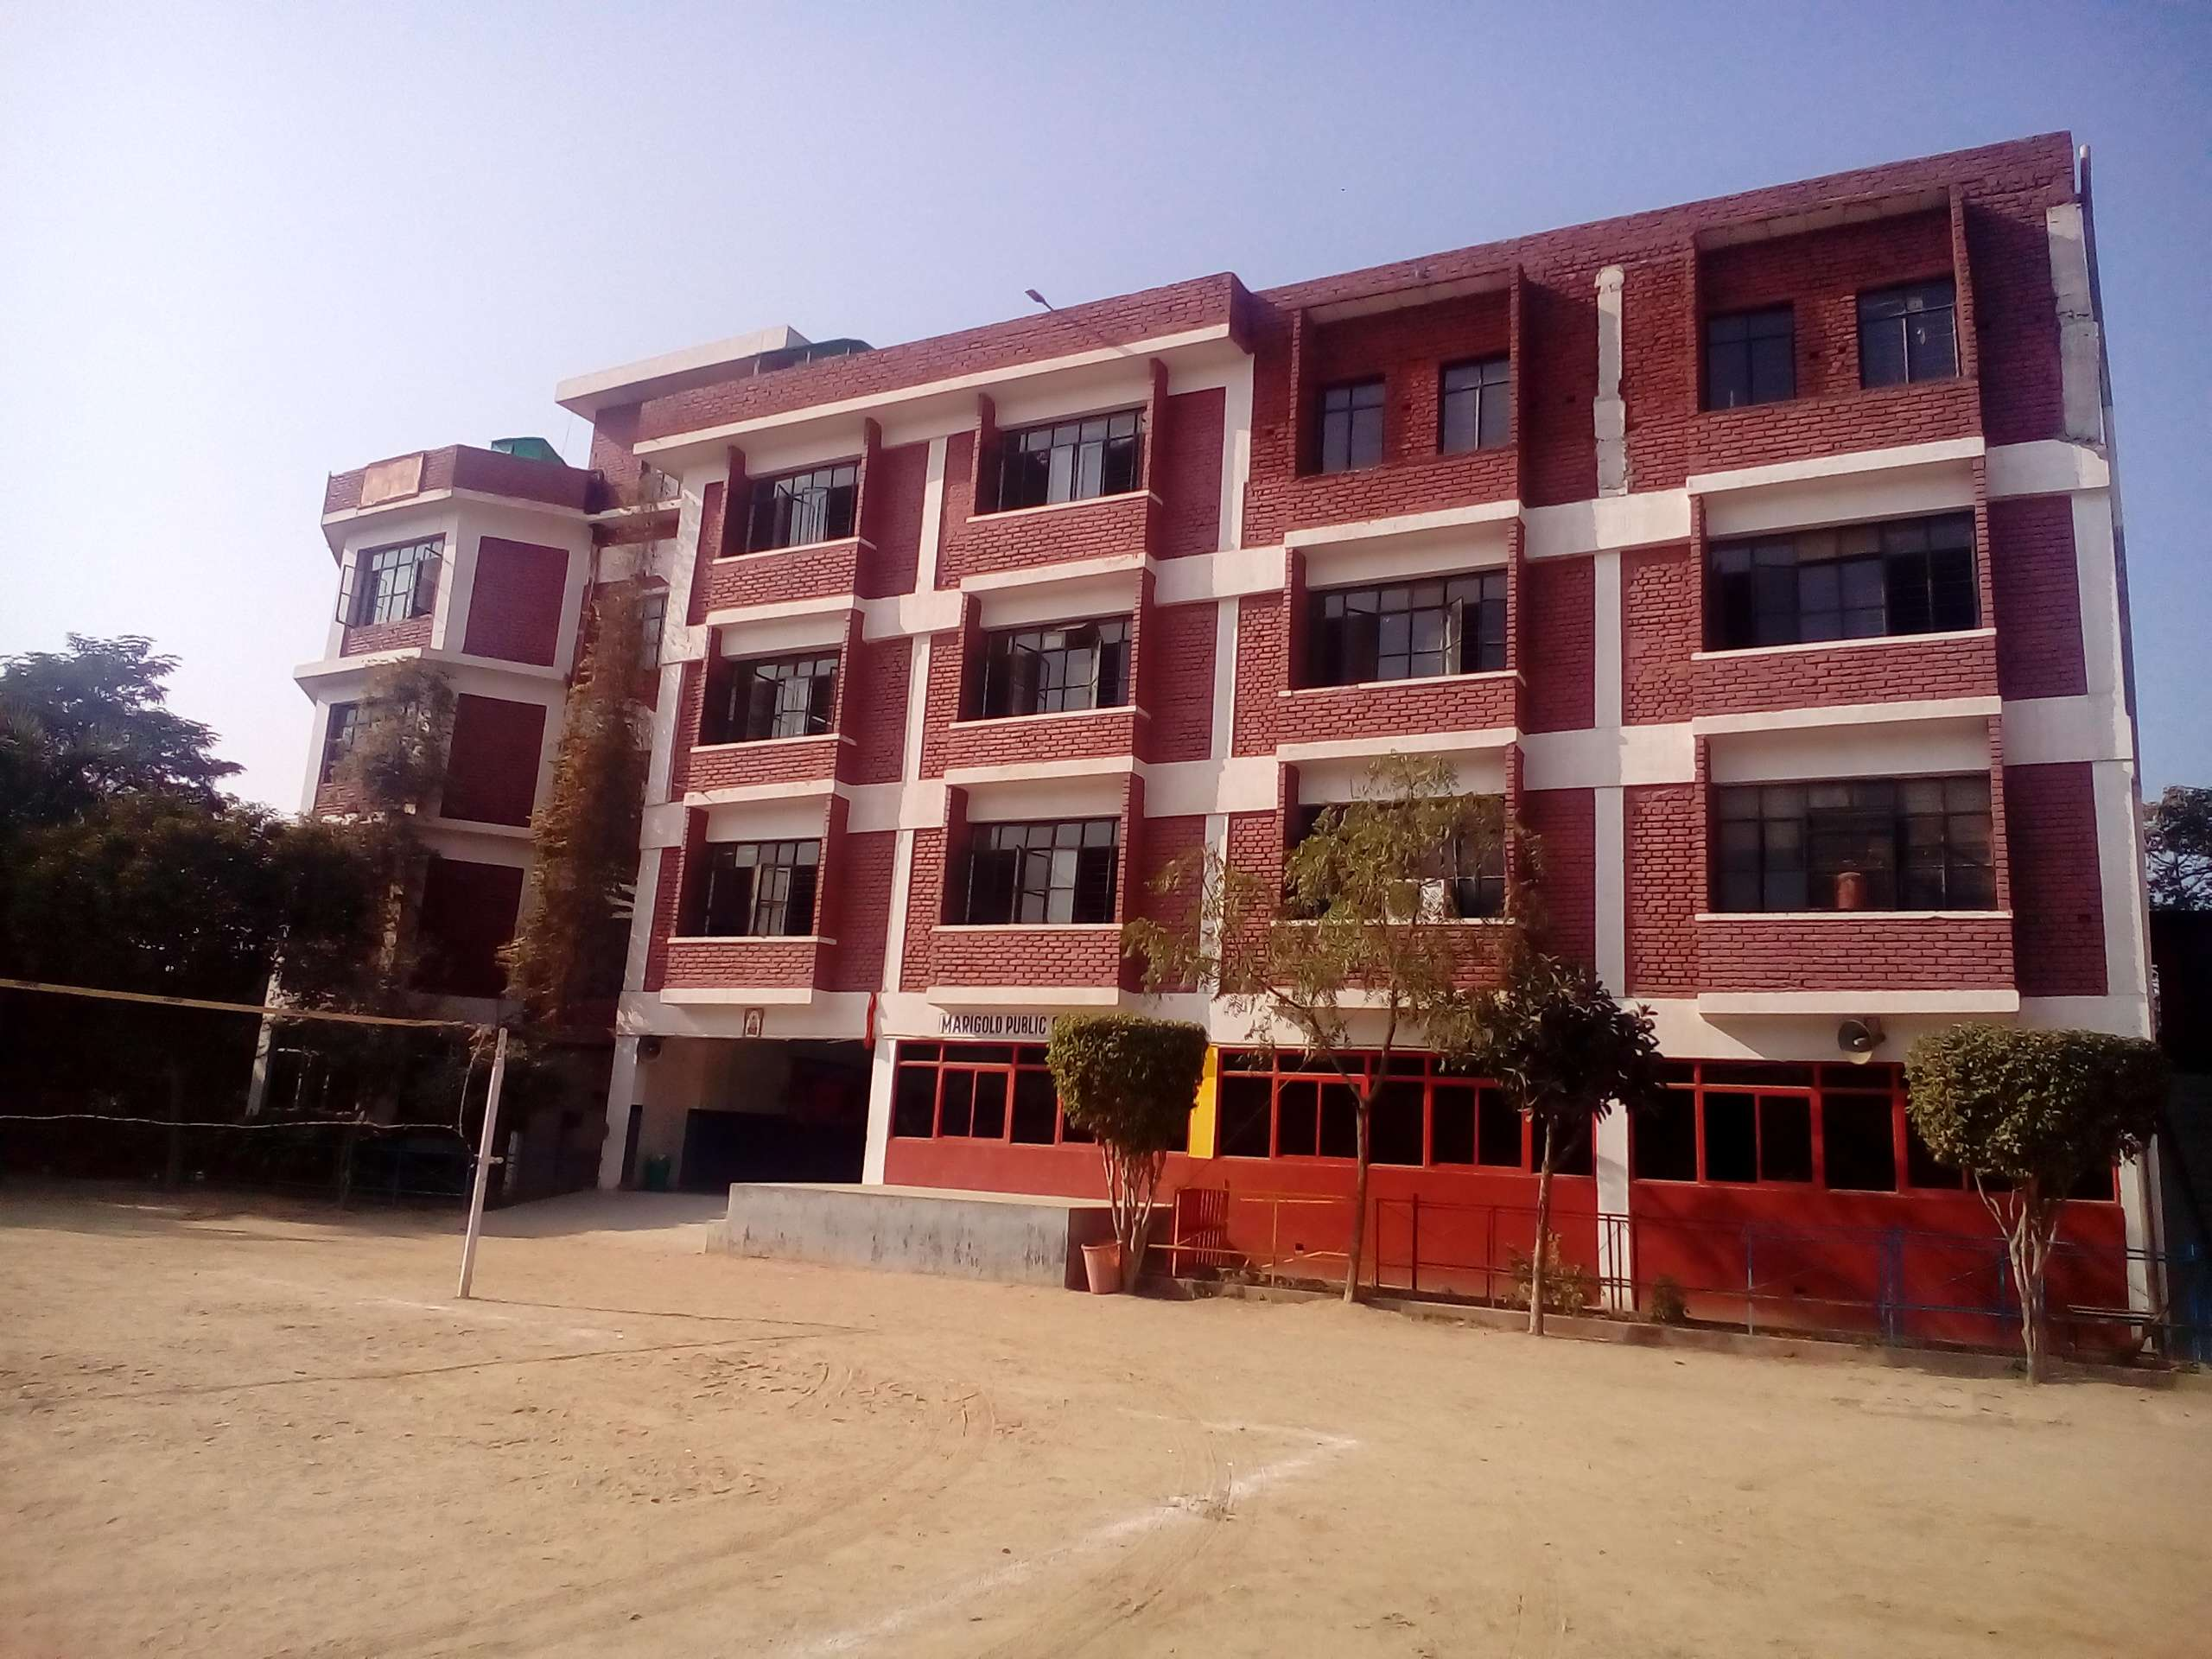 MARIGOLD PUBLIC SCHOOL sector 19 NOIDA UTTAR PRADESH 2130344